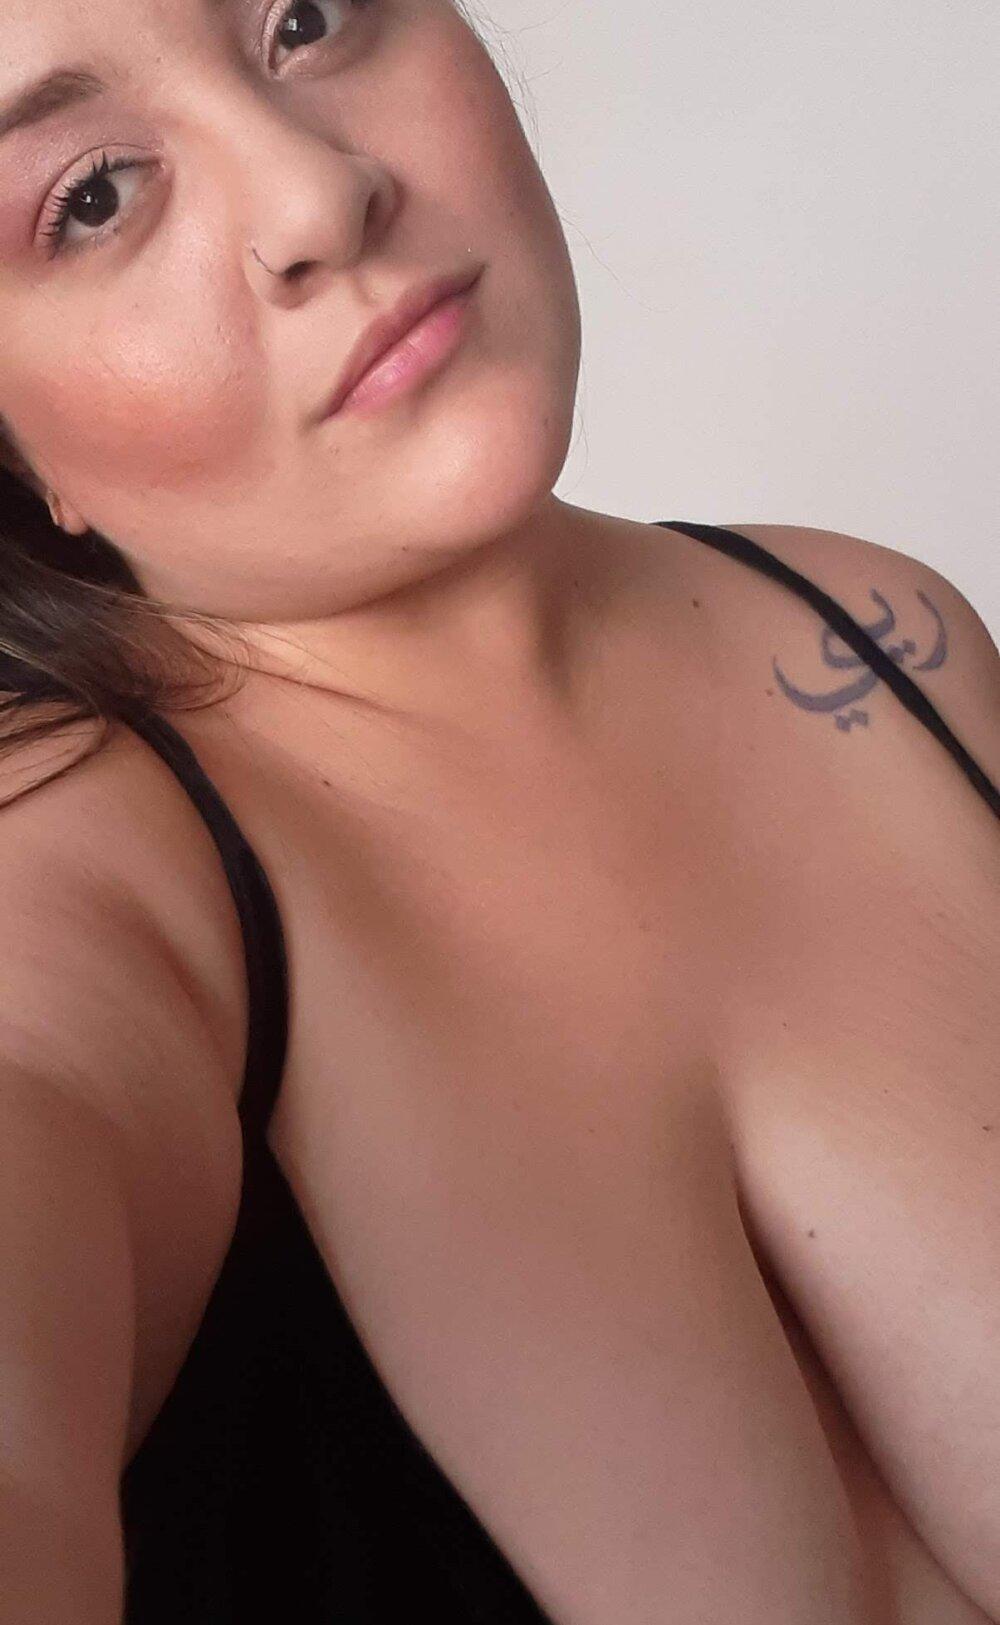 katy_persian at StripChat